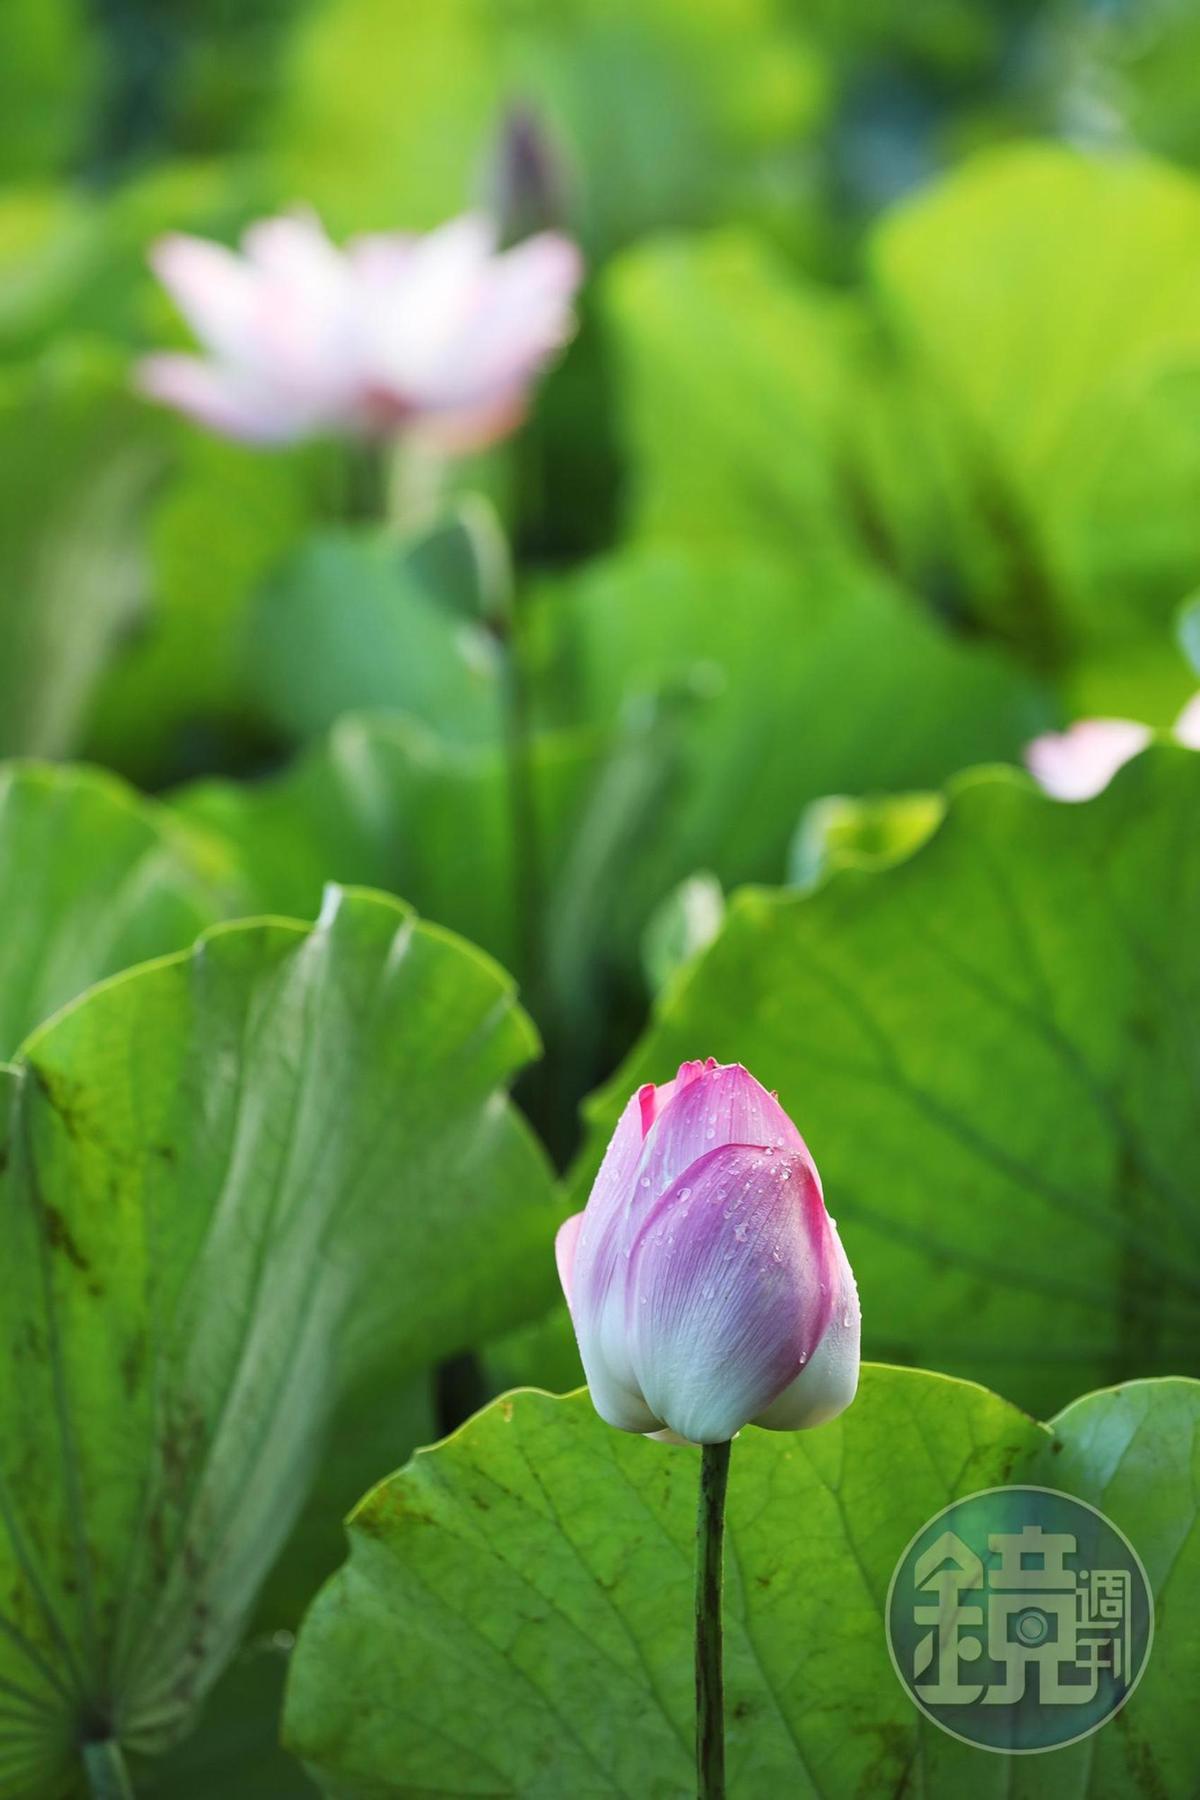 第一天開花的蓮花,並不會完全盛開,太陽升起沒多久後,還能聞到包藏在花瓣間的淡淡香氣。